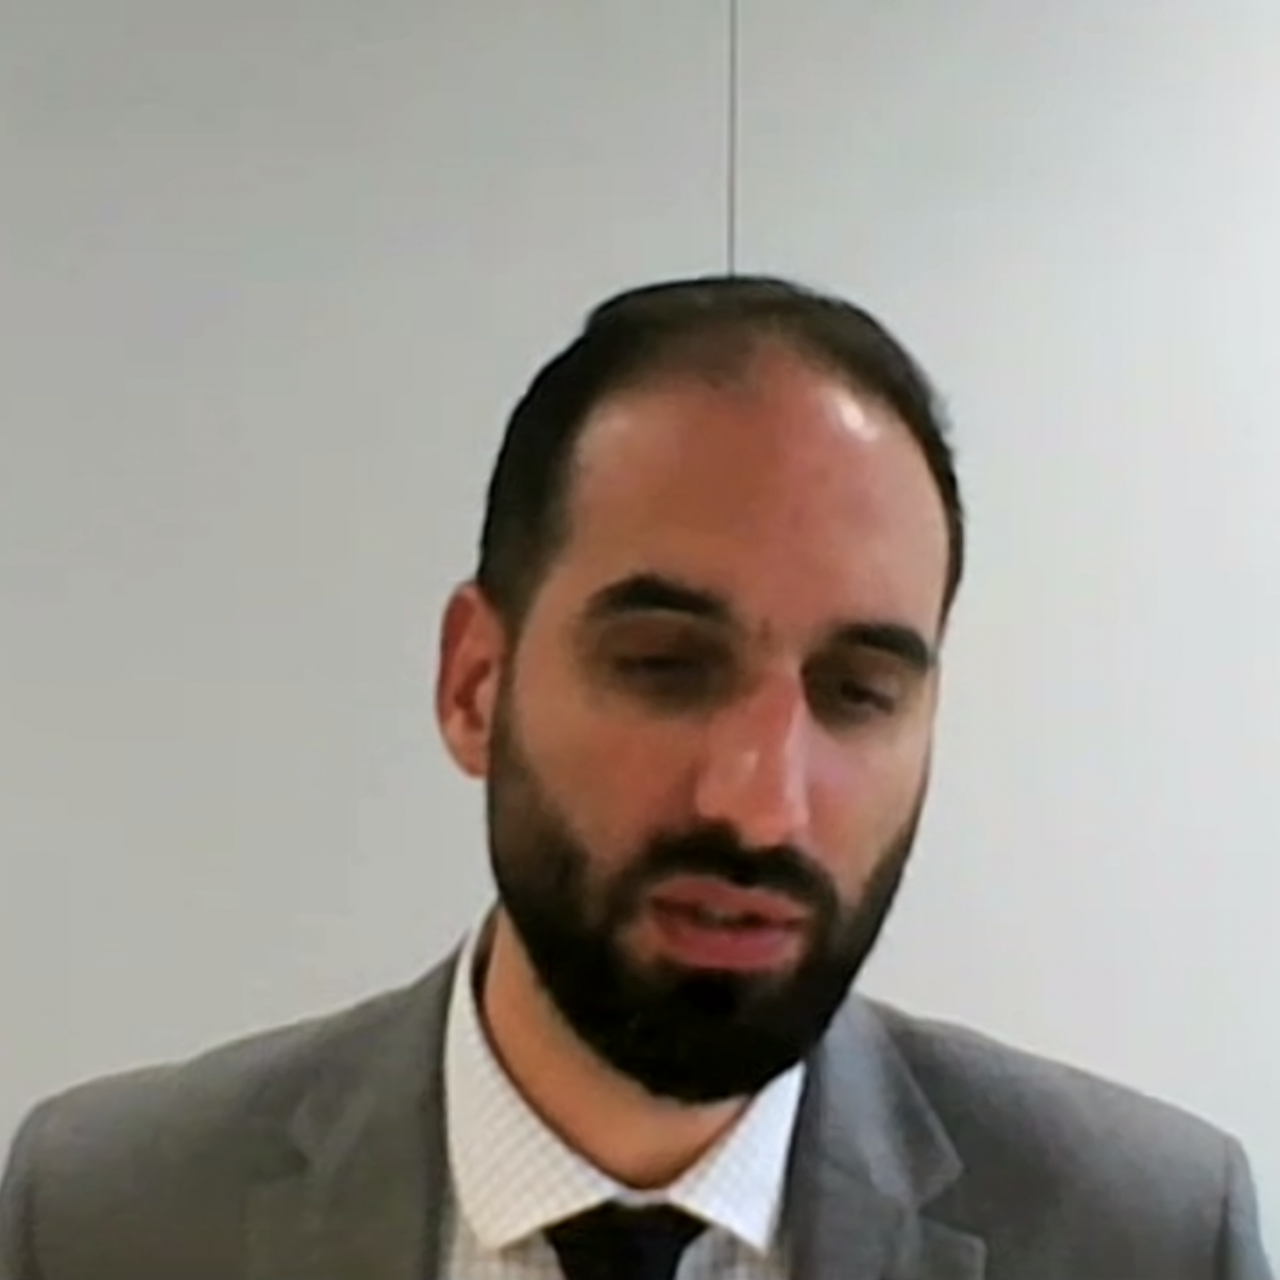 Tunisie, France, Égypte : Analyse comparée des conséquences de la crise liée au coronavirus 1